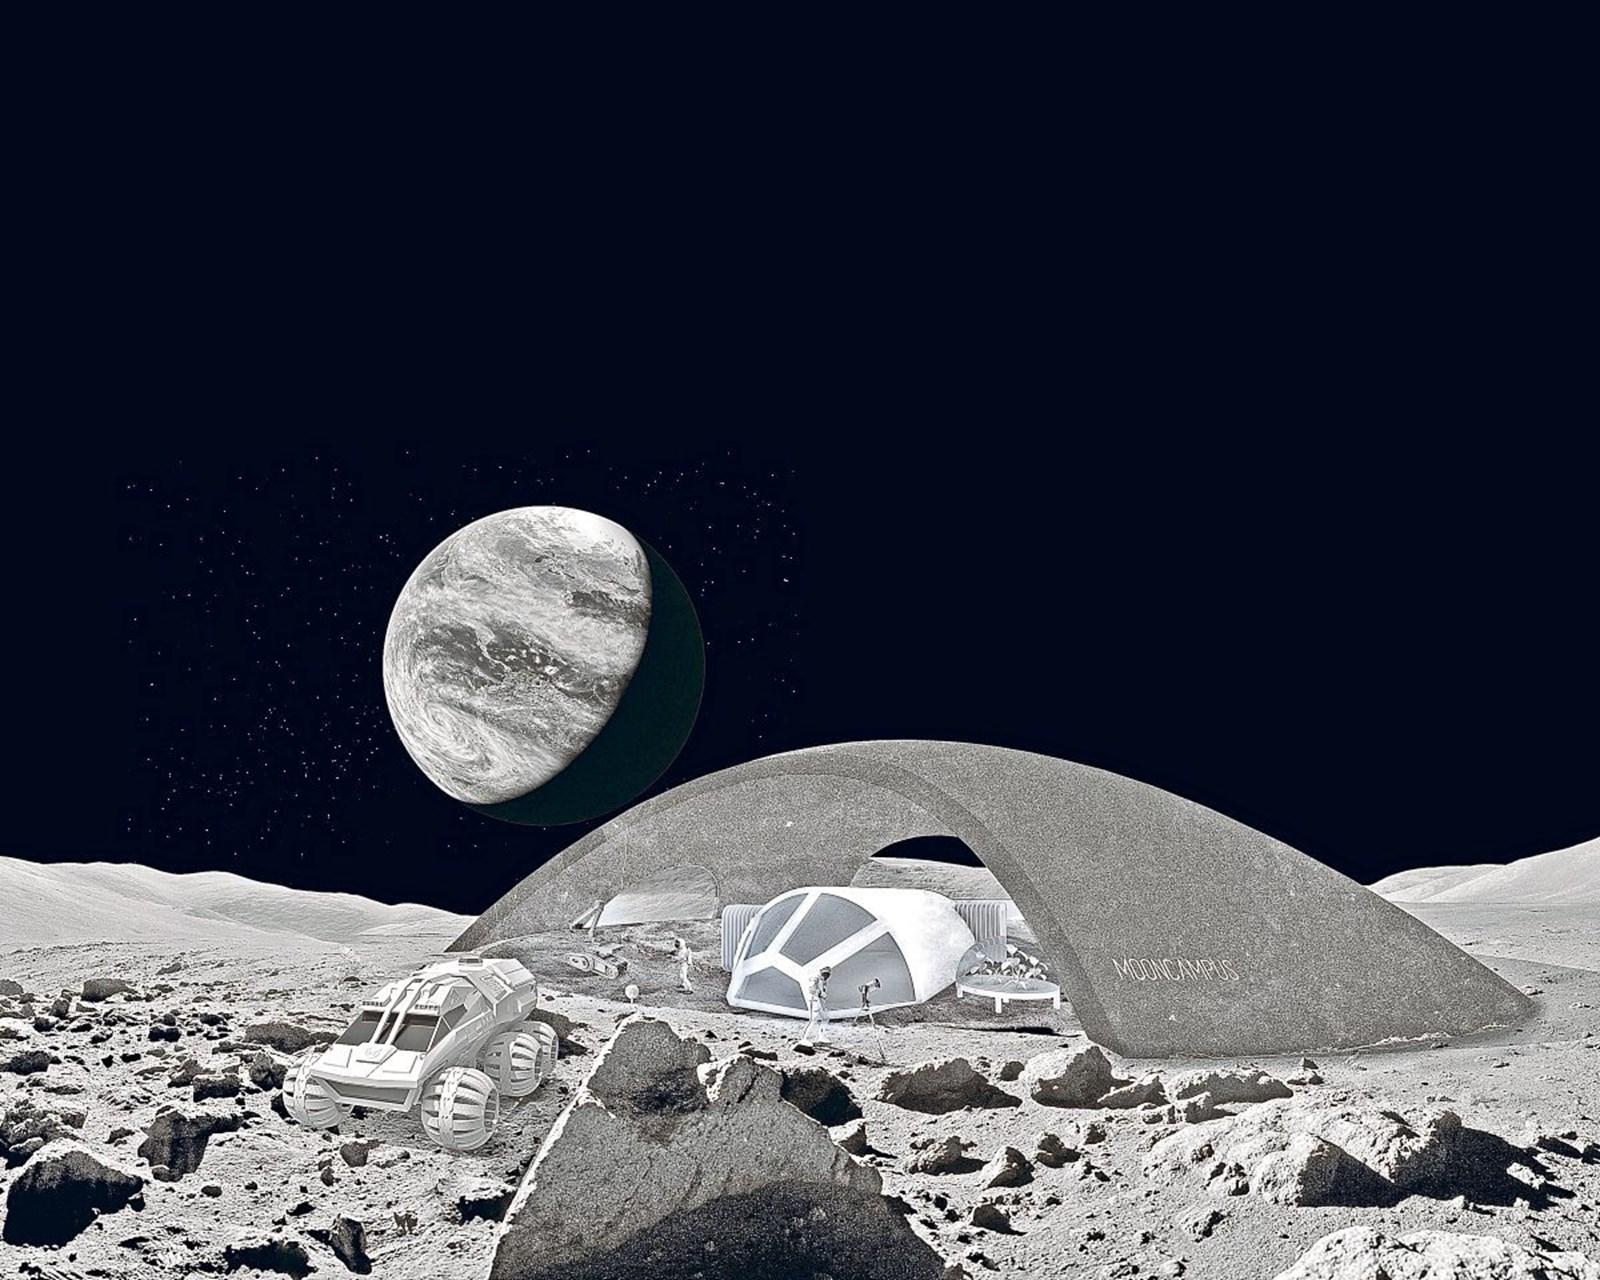 Weltraumarchitektur: Moon Villages und Nahrungsmittelanbau